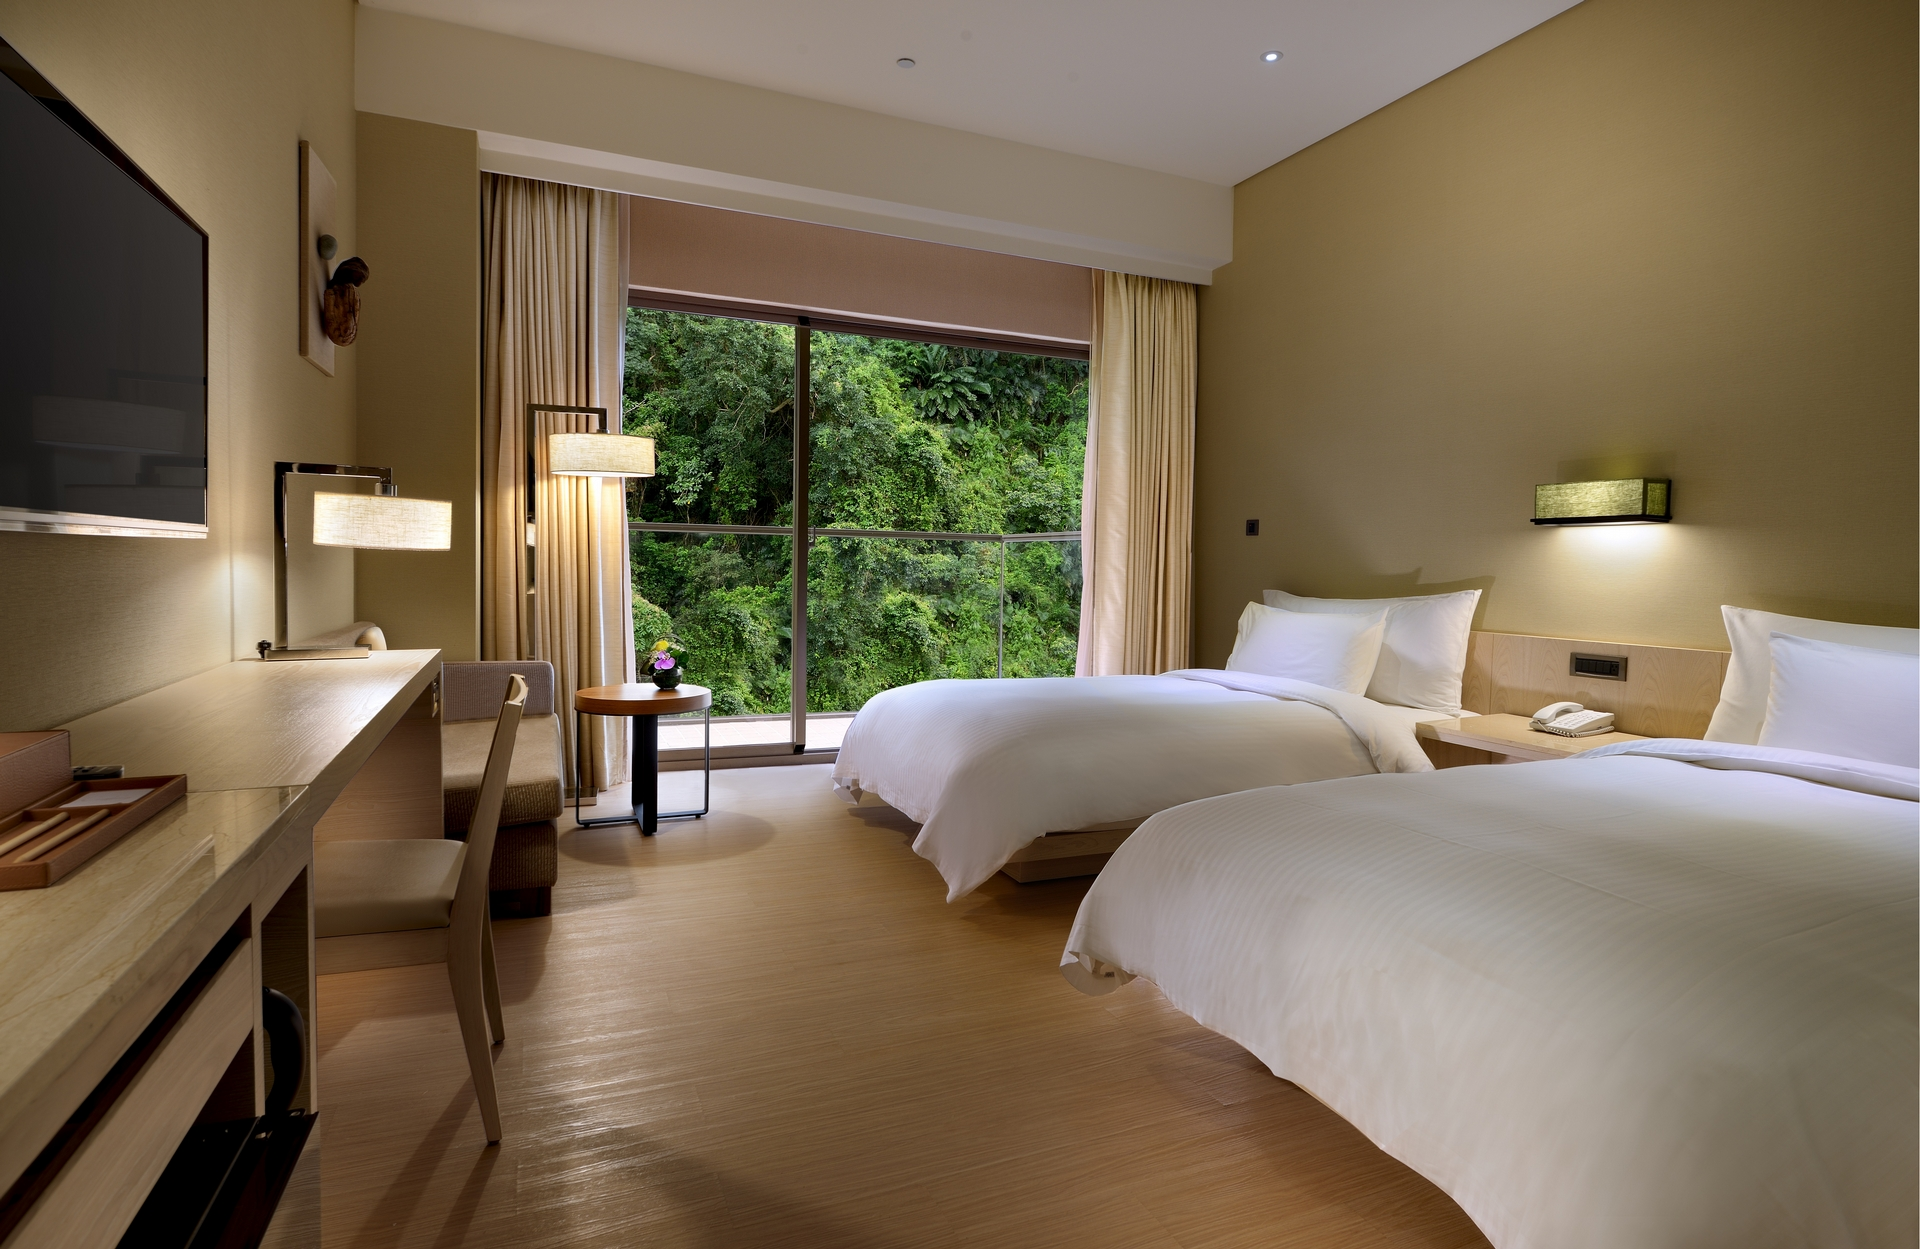 知本金聯世紀酒店山水精緻雙人房與森林綠意同棲。